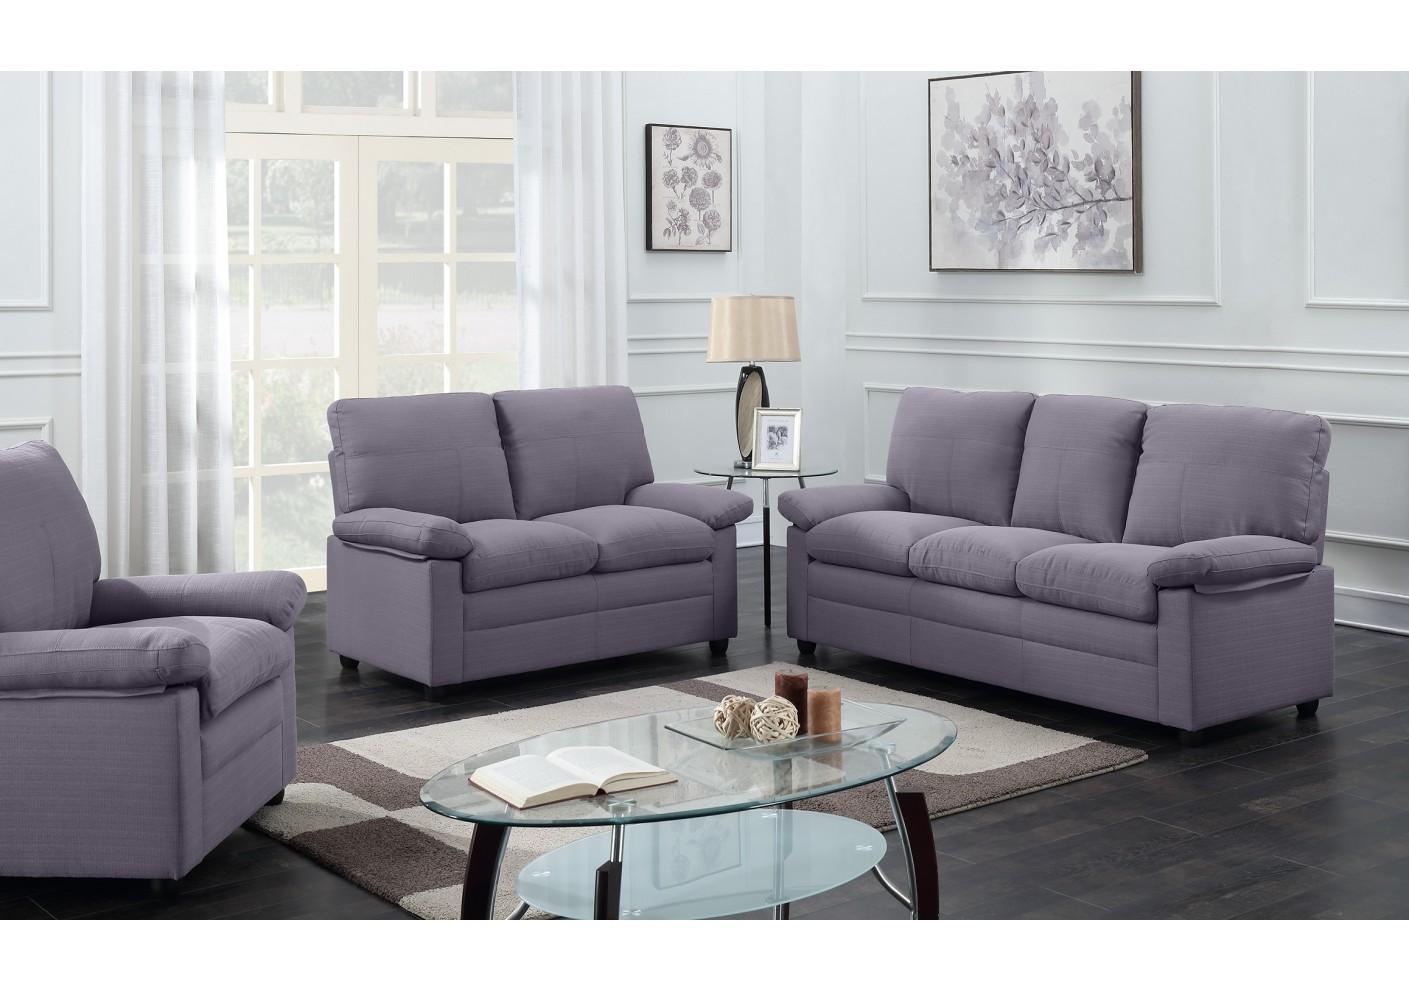 salon 3 pi ces chicago tissu gris fonc 1 canap 3 places 1 canap 2 places 1 fauteuil 1. Black Bedroom Furniture Sets. Home Design Ideas